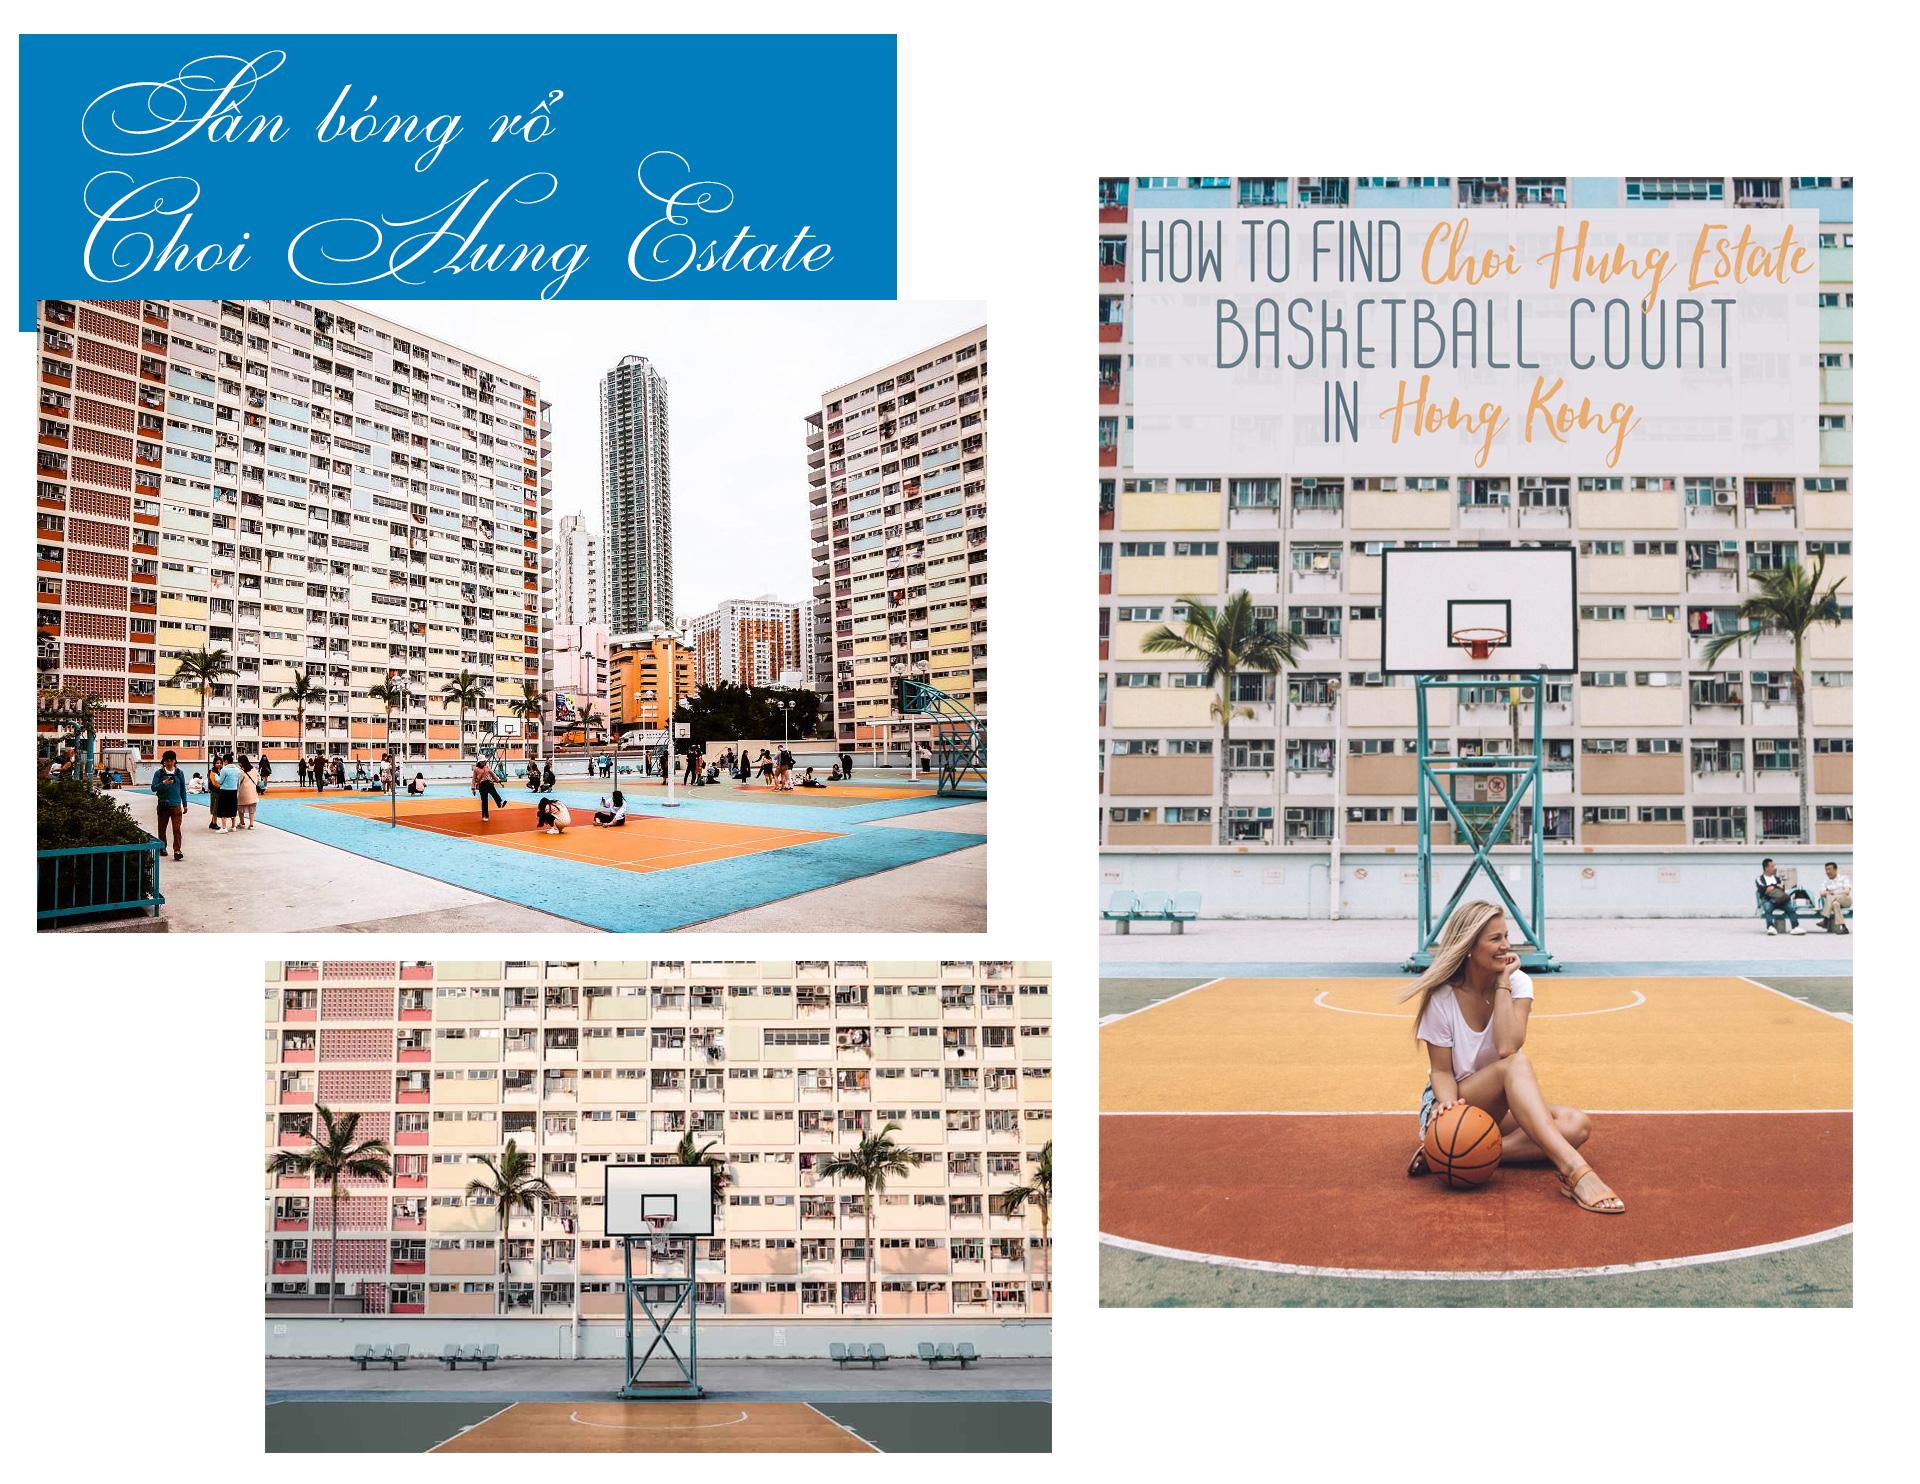 Khám phá Hồng Kông với những điểm đến ấn tượng nhất - 11